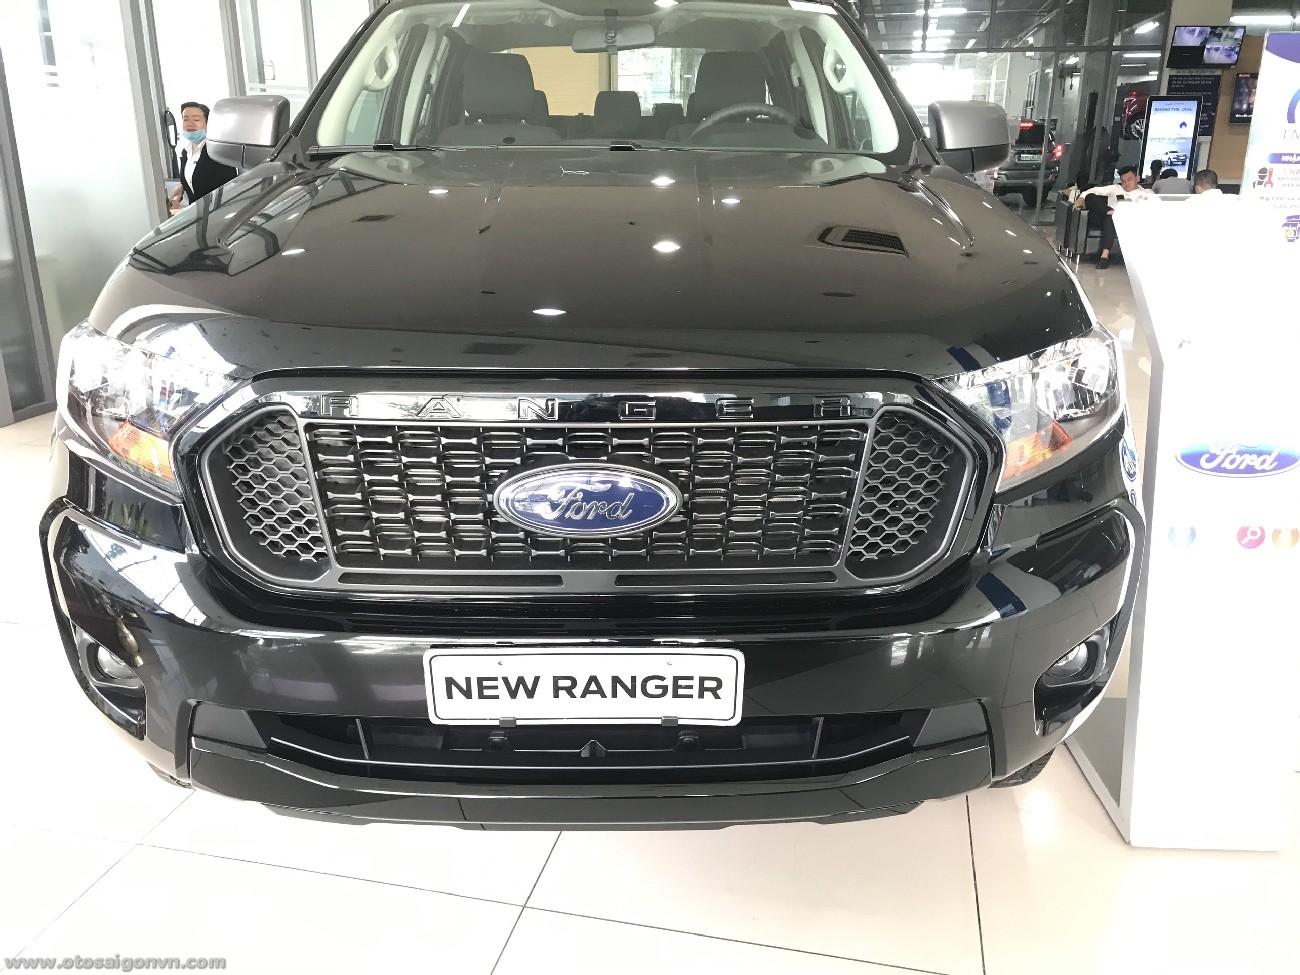 Ford Ranger XLS 2.2L 4x2 AT 2021 1 cầu số tự động mới giao ngay. 13